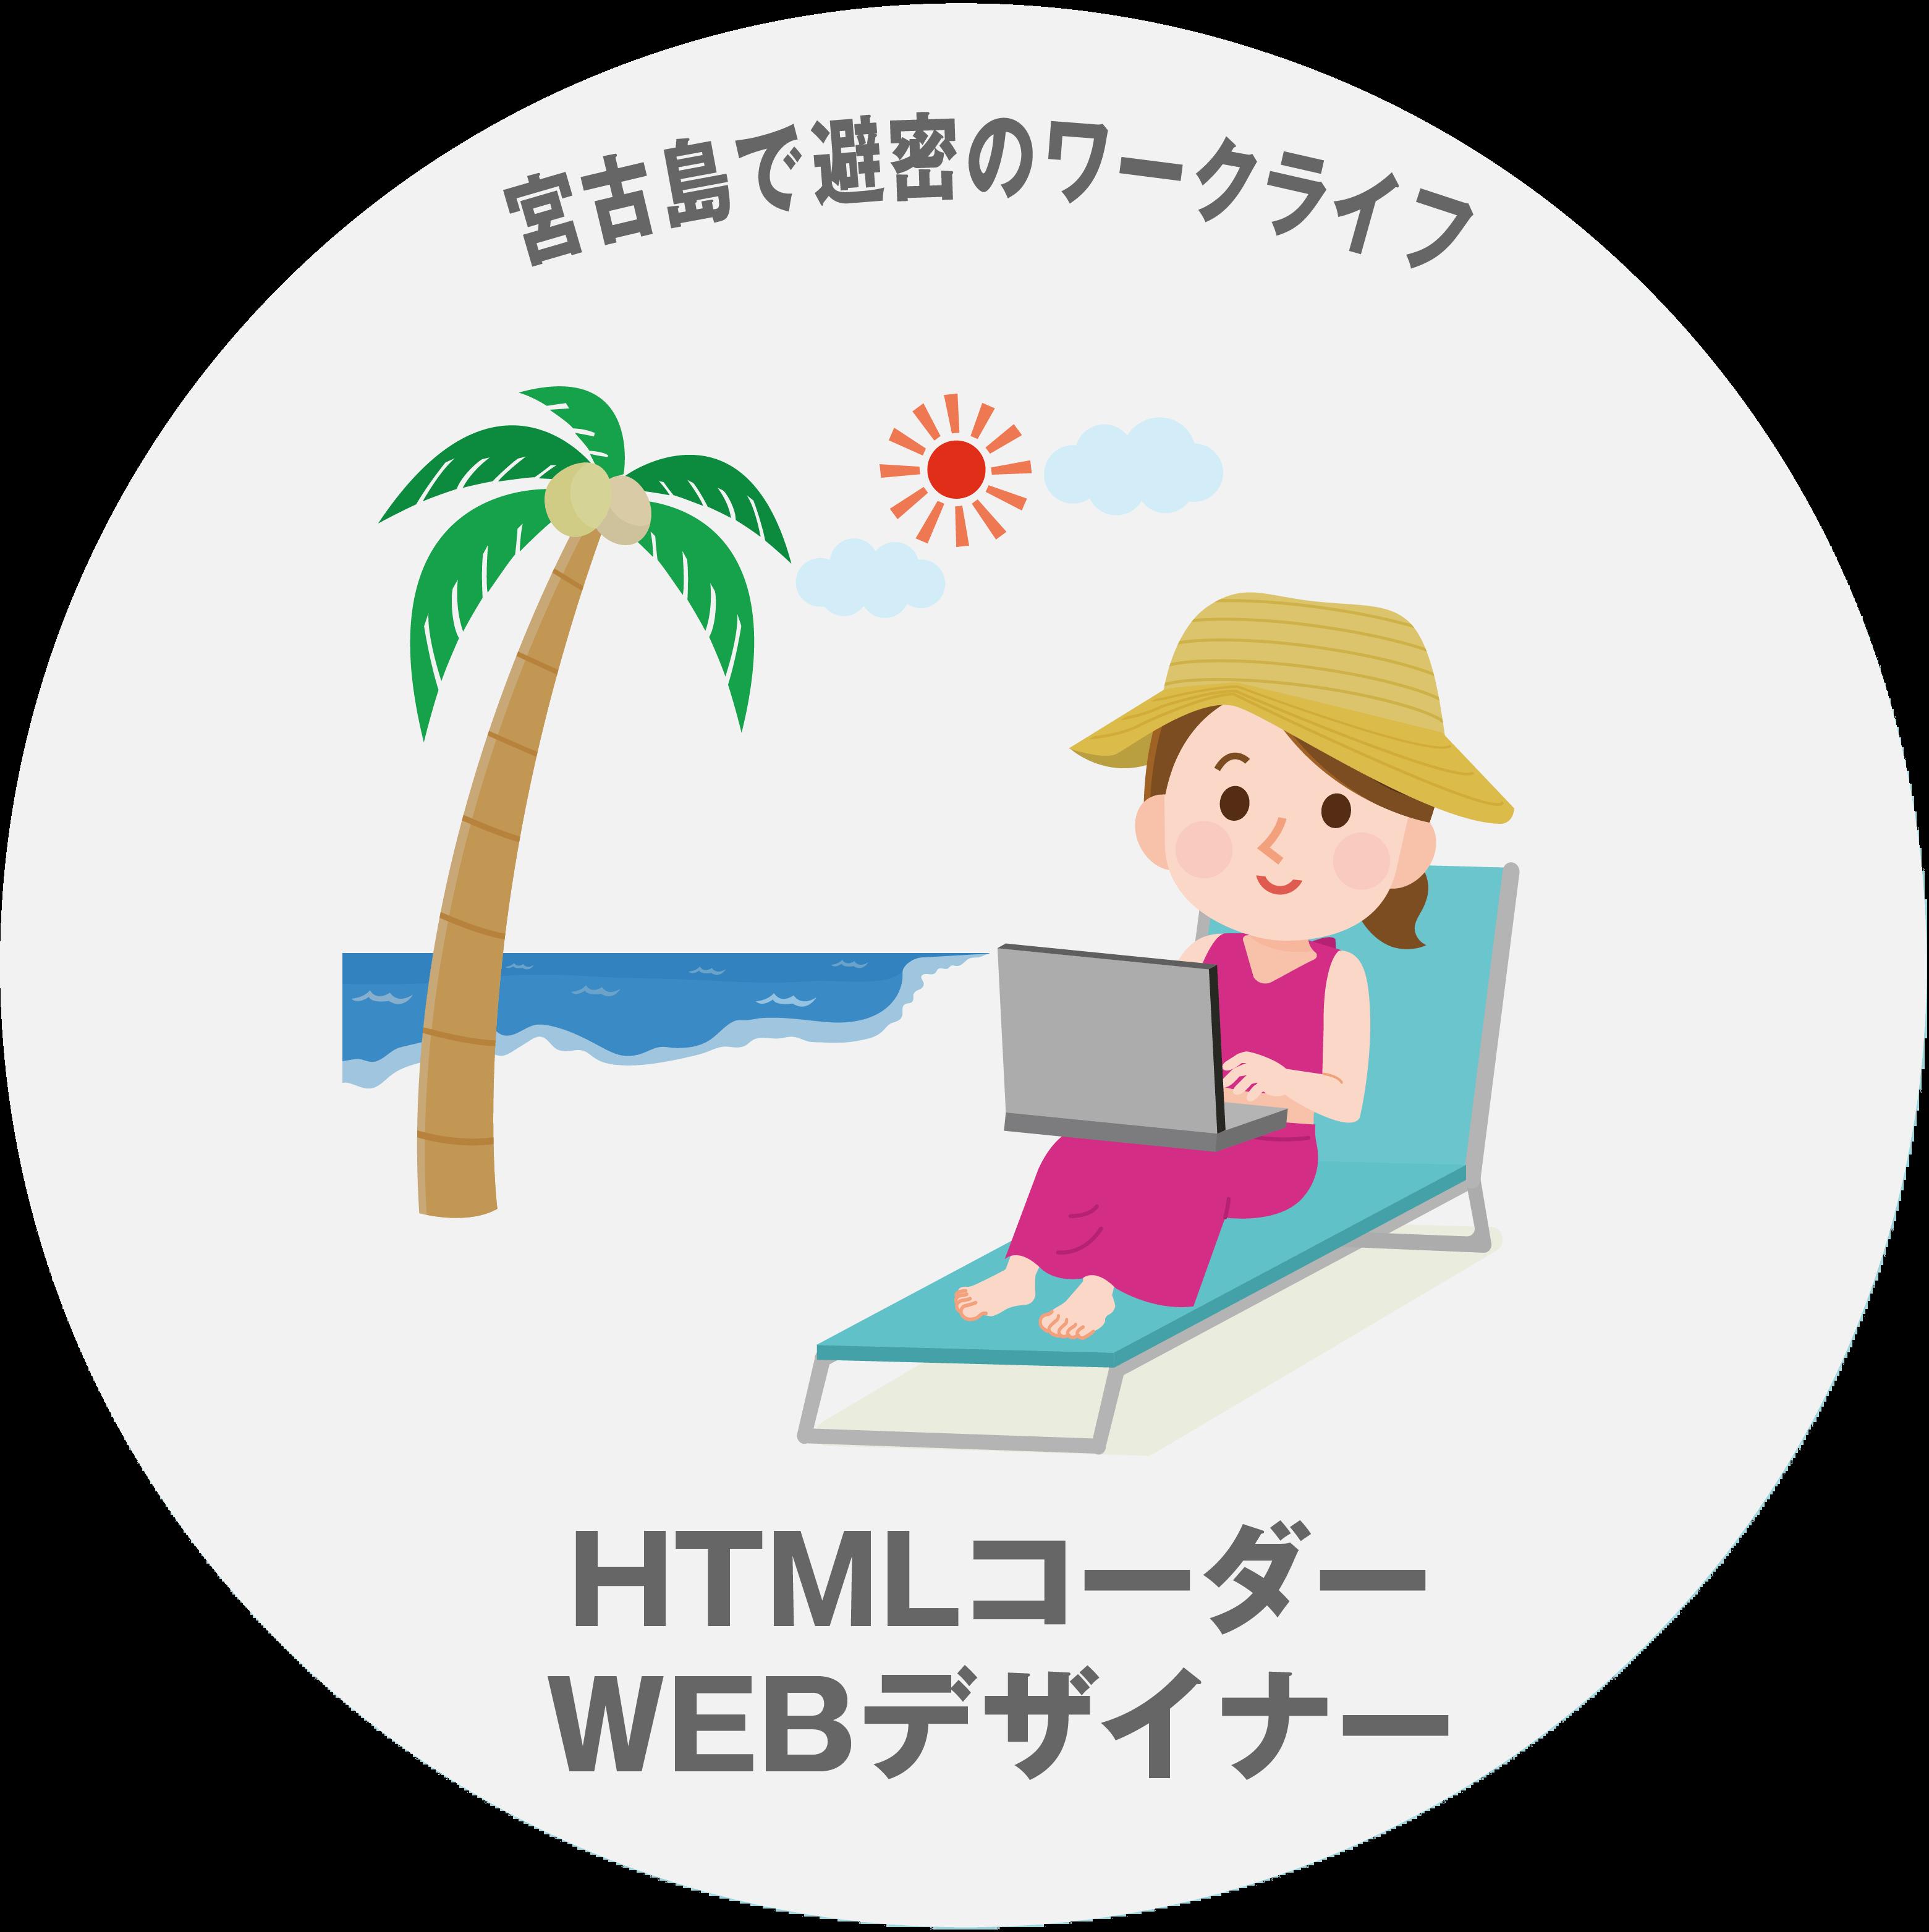 HTMLコーダー・WEBデザイナー募集